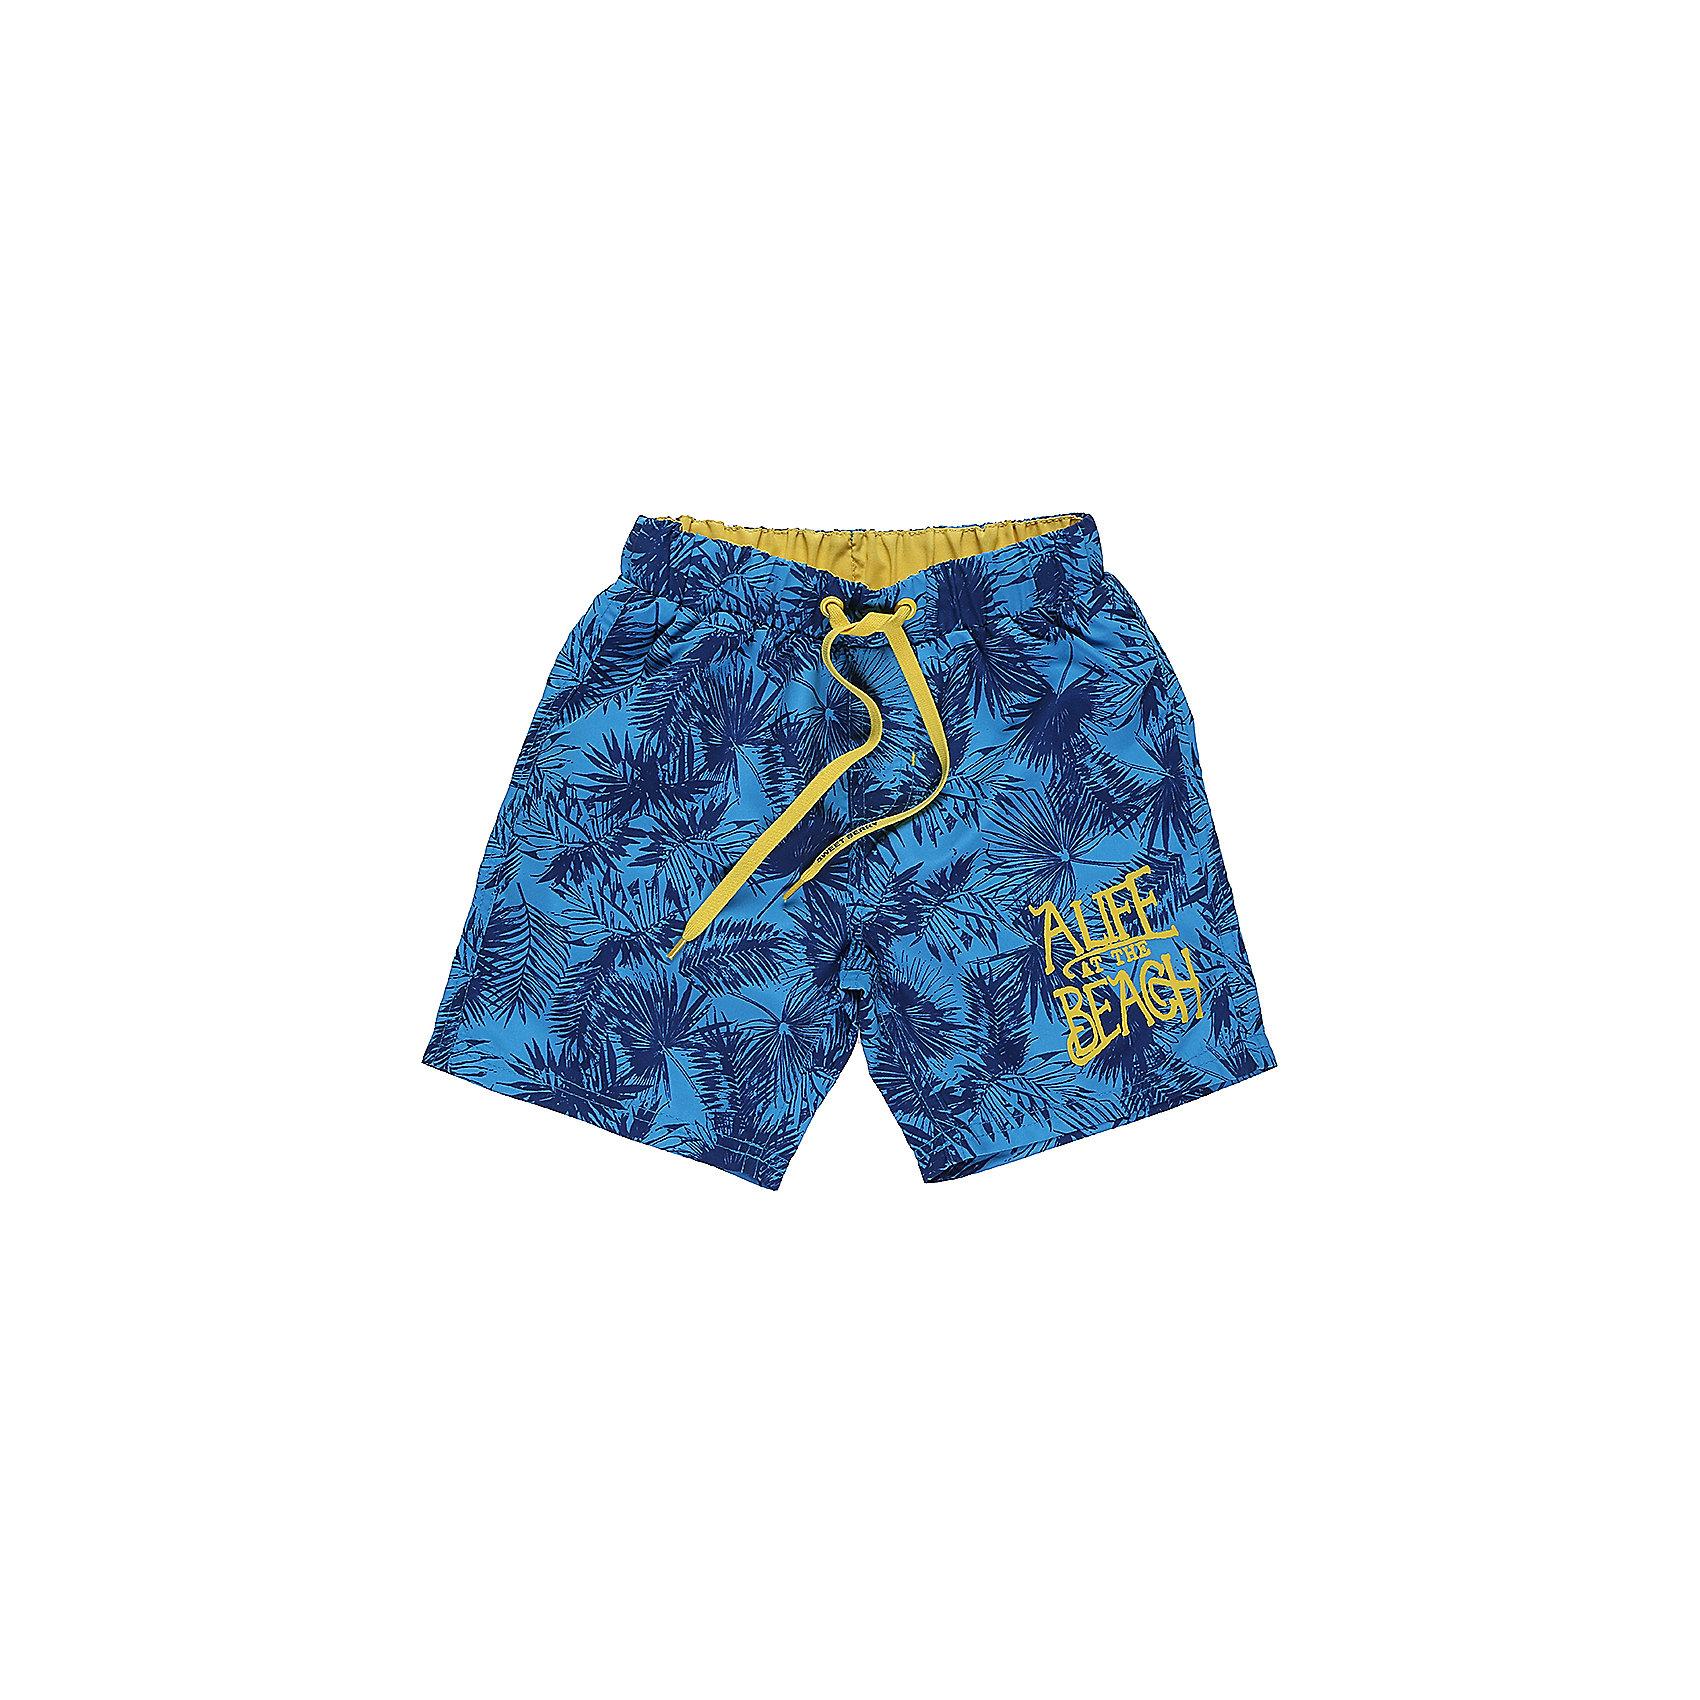 Шорты пляжные для мальчика Sweet BerryКупальные шорты для мальчика с ярким принтом выполнены из легкого быстросохнущего материала. Пояс-резинка дополнен шнуром для регулирования объема.<br>Состав:<br>100% полиэстер<br><br>Ширина мм: 191<br>Глубина мм: 10<br>Высота мм: 175<br>Вес г: 273<br>Цвет: голубой<br>Возраст от месяцев: 36<br>Возраст до месяцев: 48<br>Пол: Мужской<br>Возраст: Детский<br>Размер: 104,110,116,128,140<br>SKU: 5412951